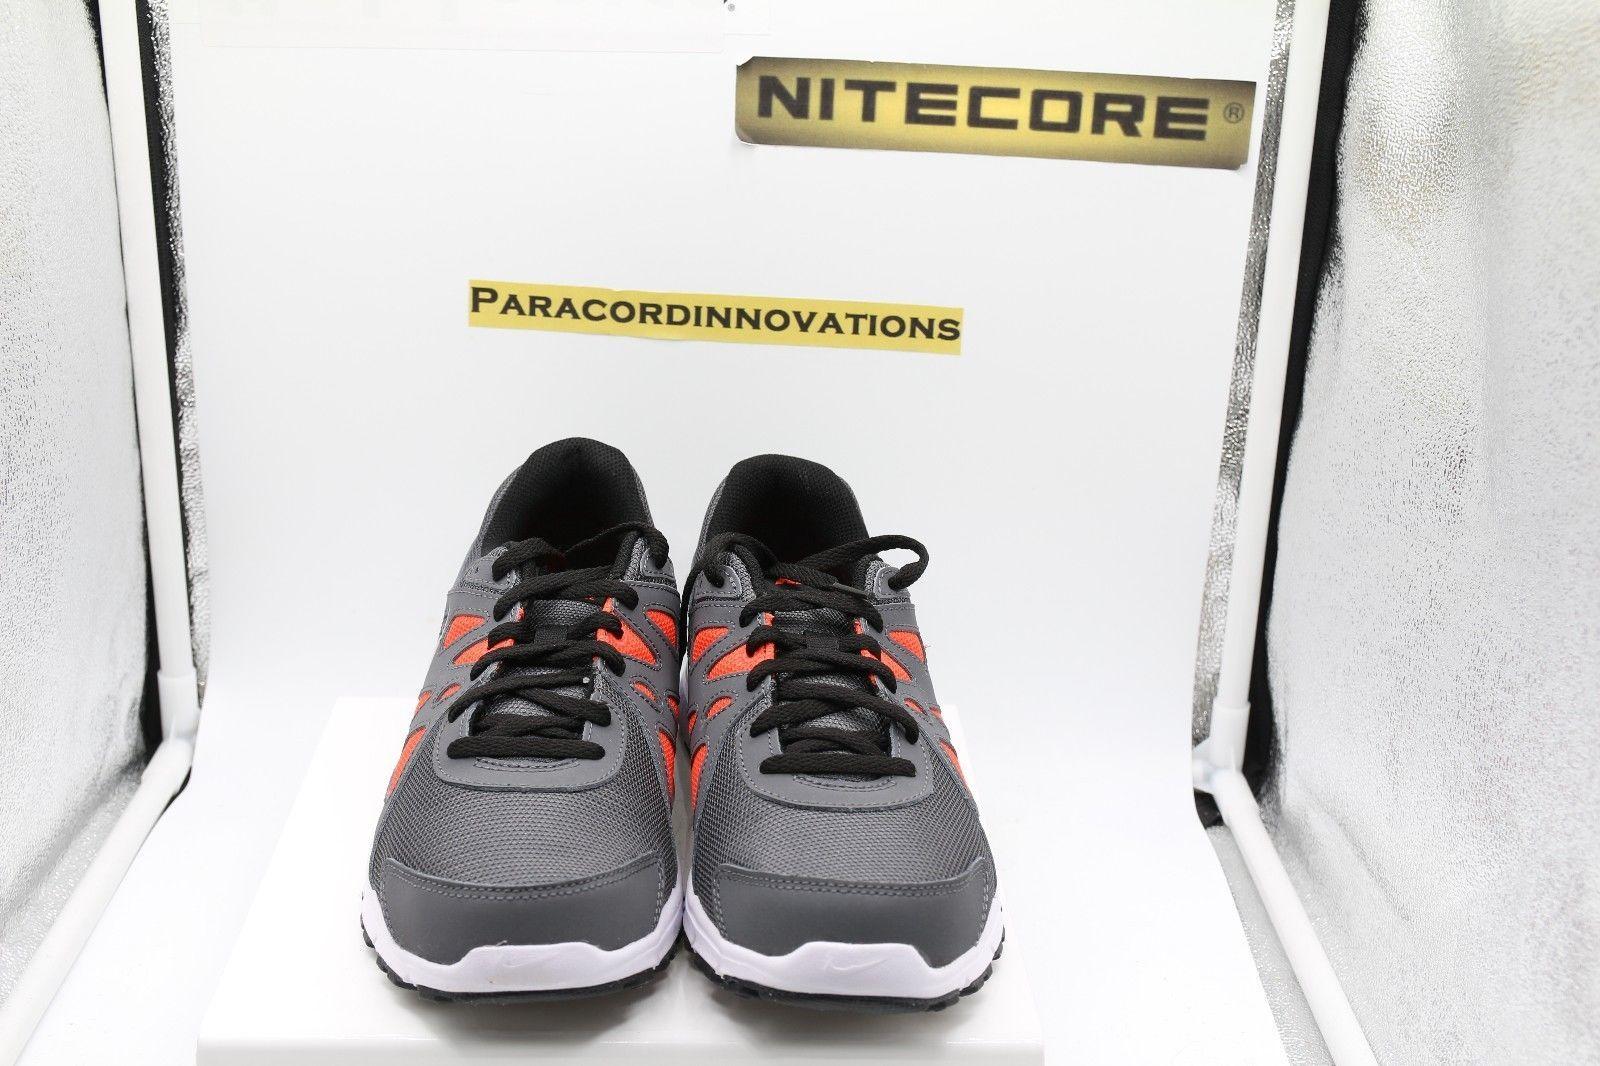 df33de48bc37e Nike Women s Free TR Focus Flyknit - White Bright Melon Wolf Gray ...